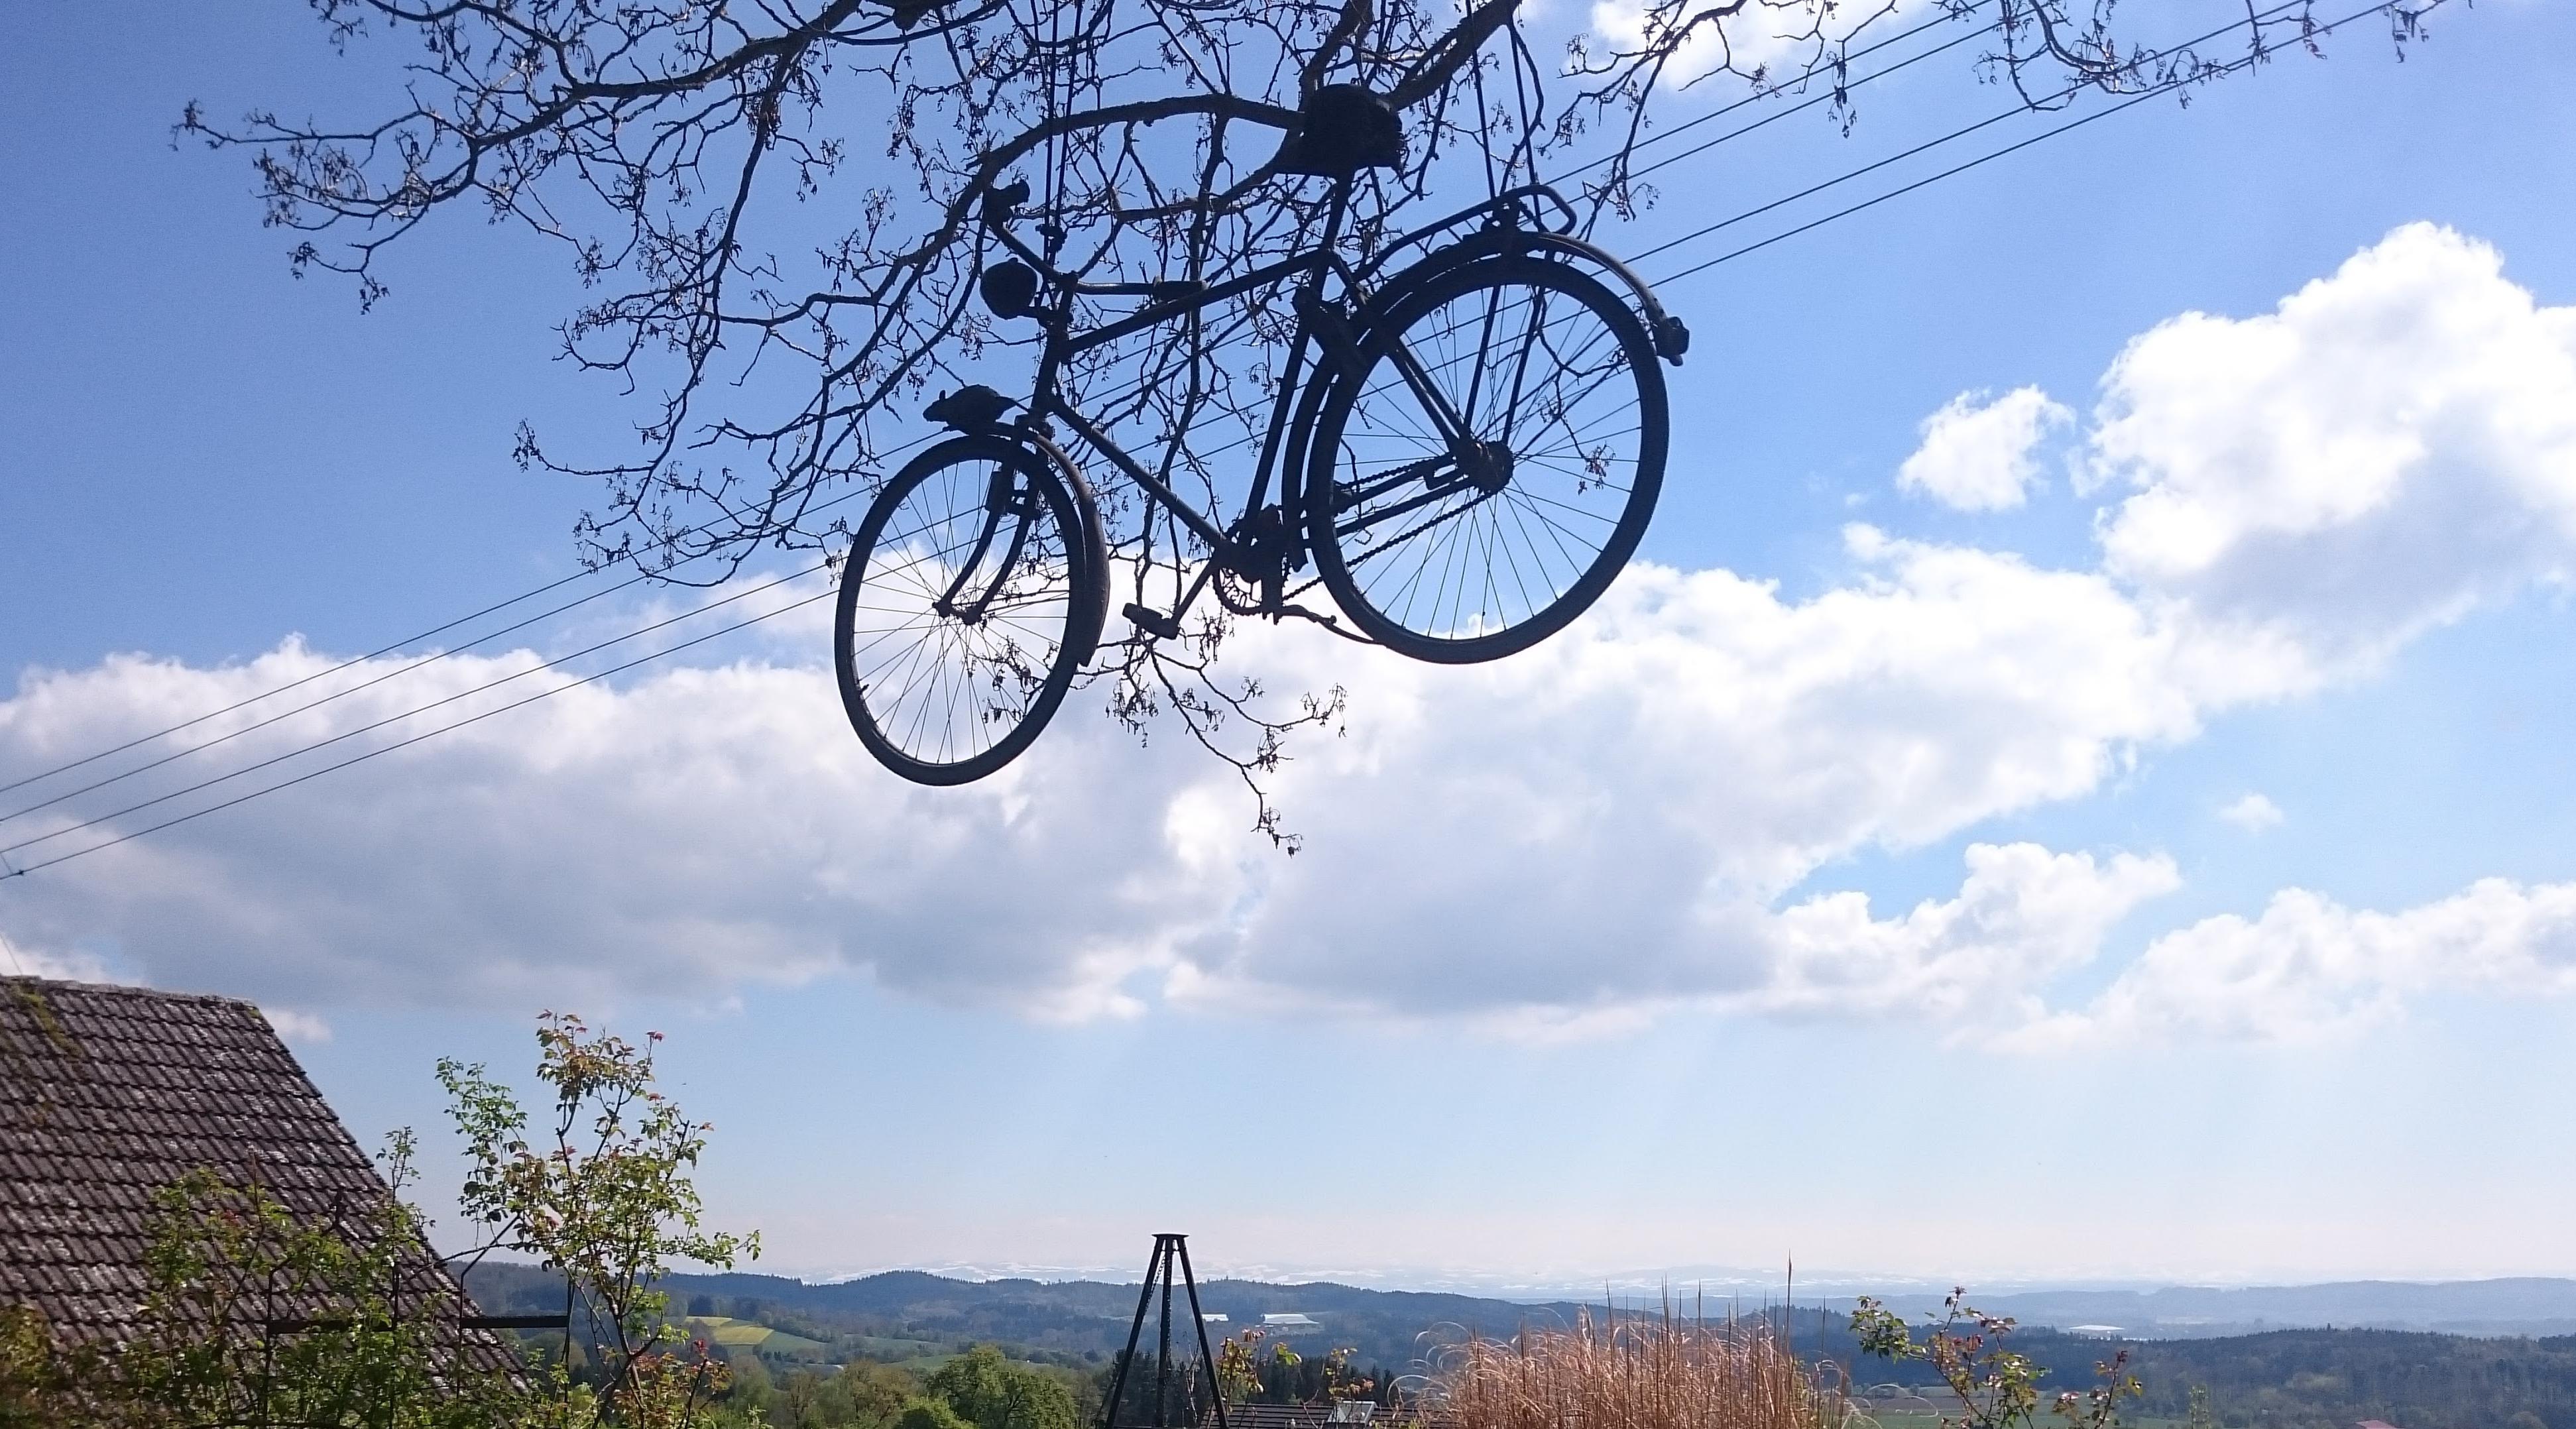 Fahrrad, das durch die Luft fährt